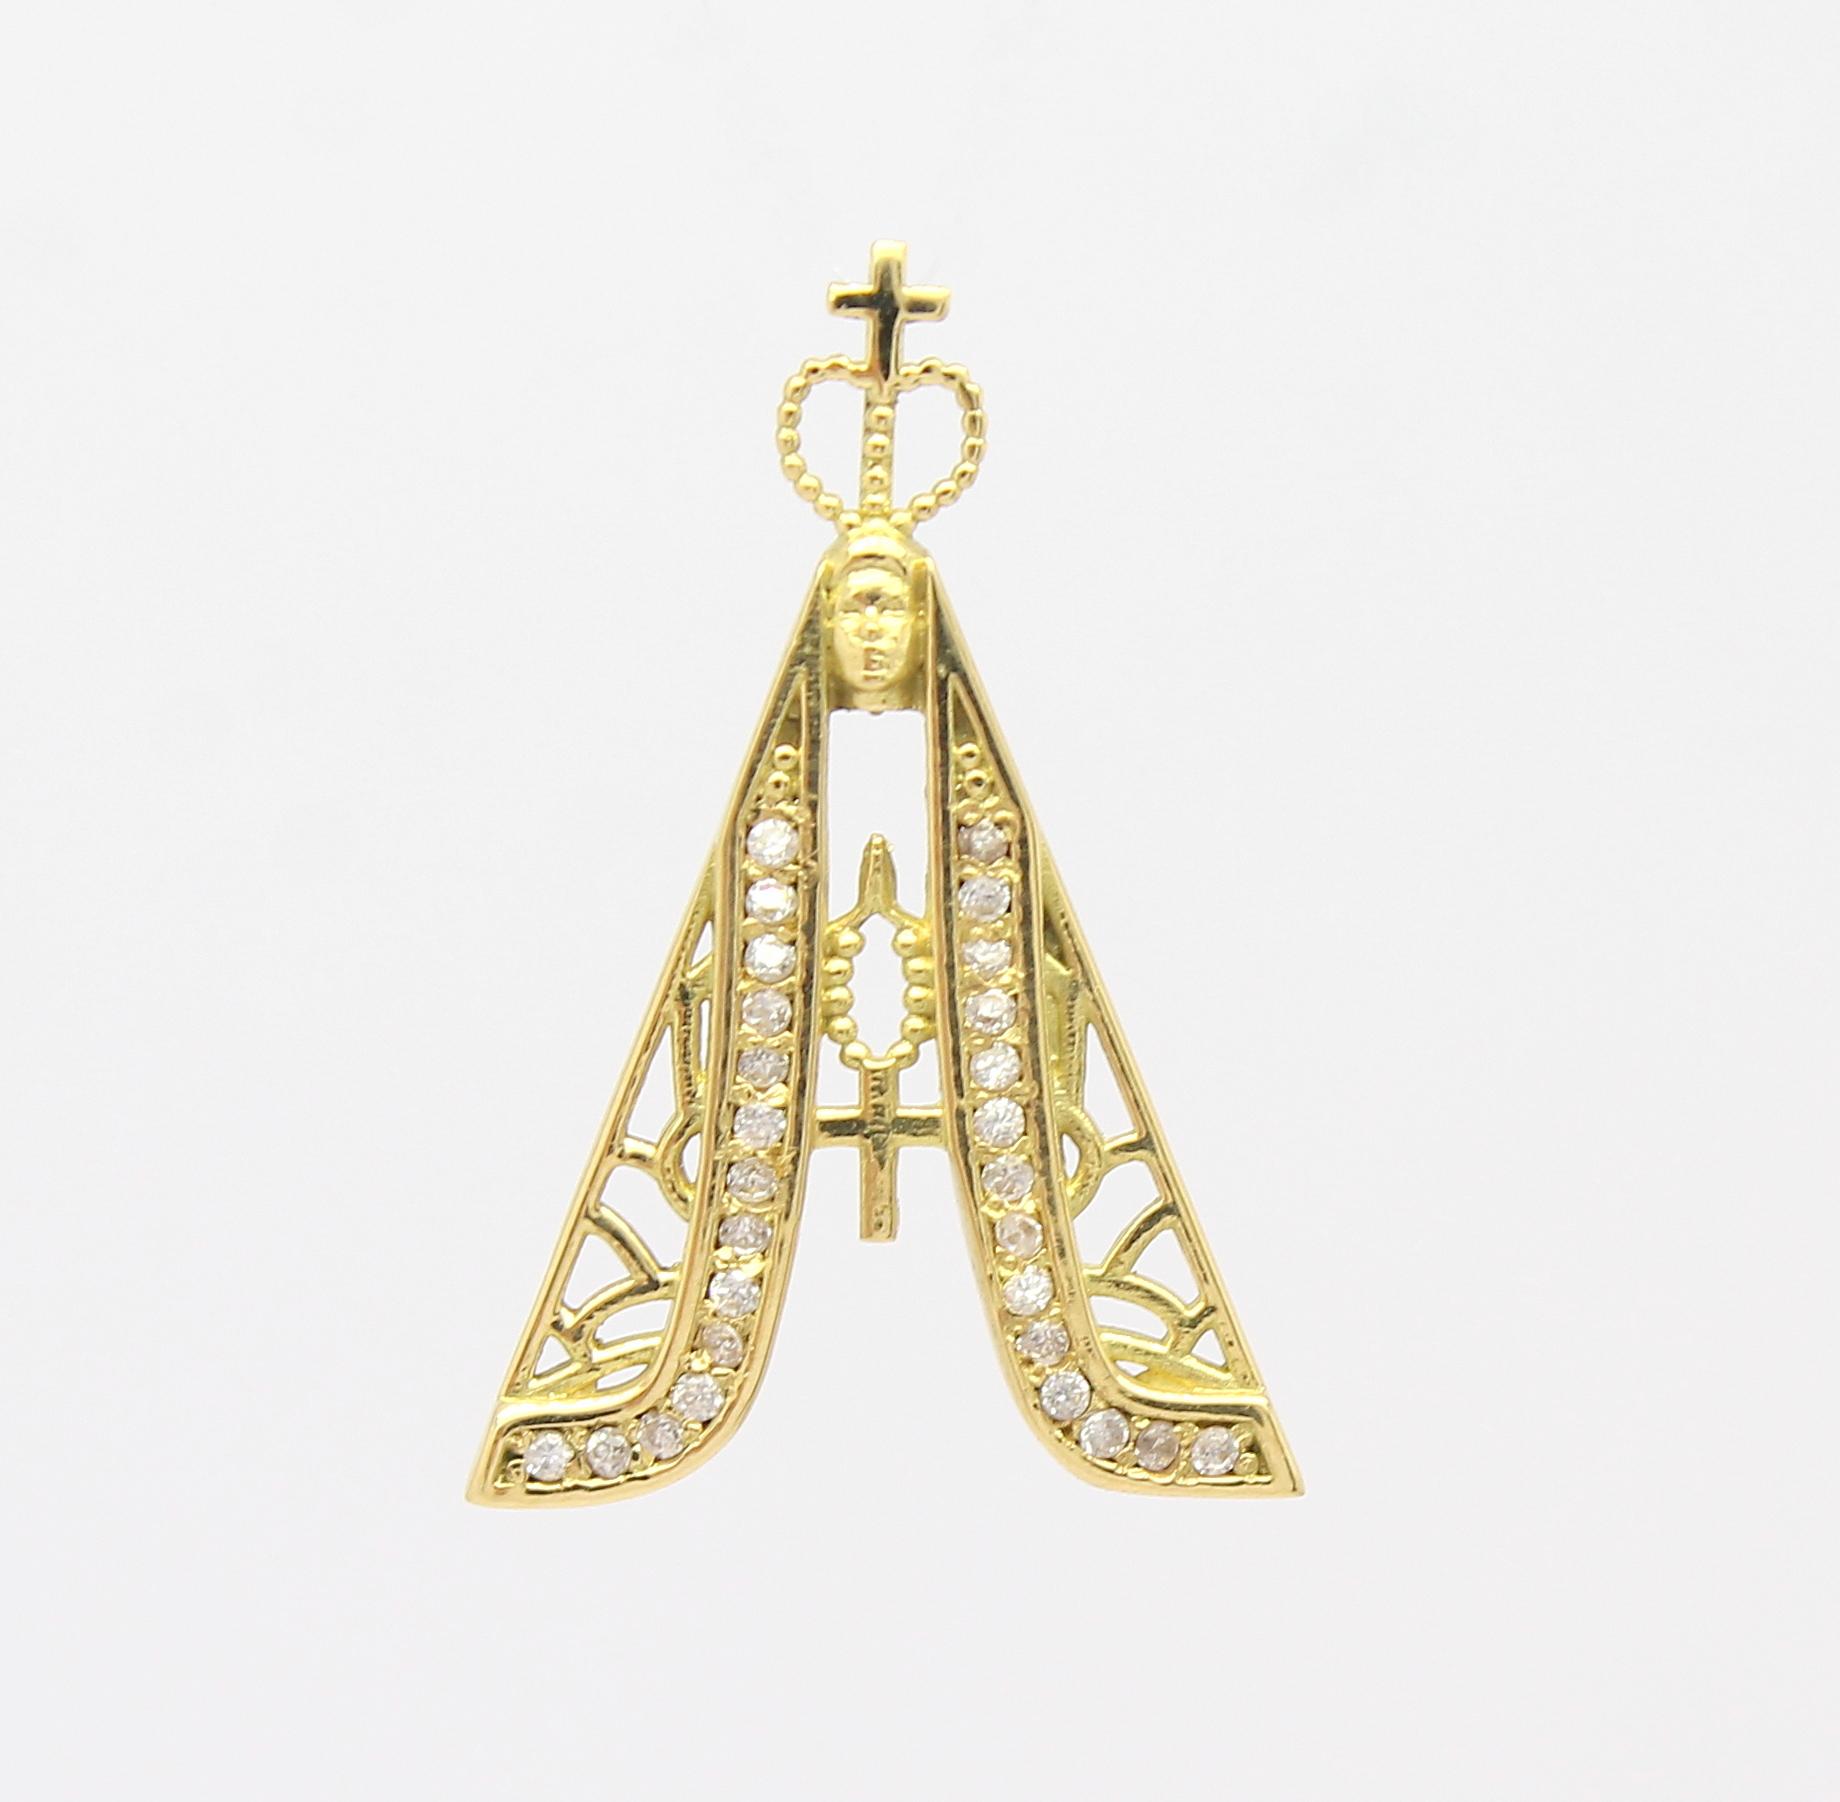 dc1d3c5bbb1ea Pingente Nossa Senhora Aparecida Zircônias Ouro 18k 750 - Marcio ...